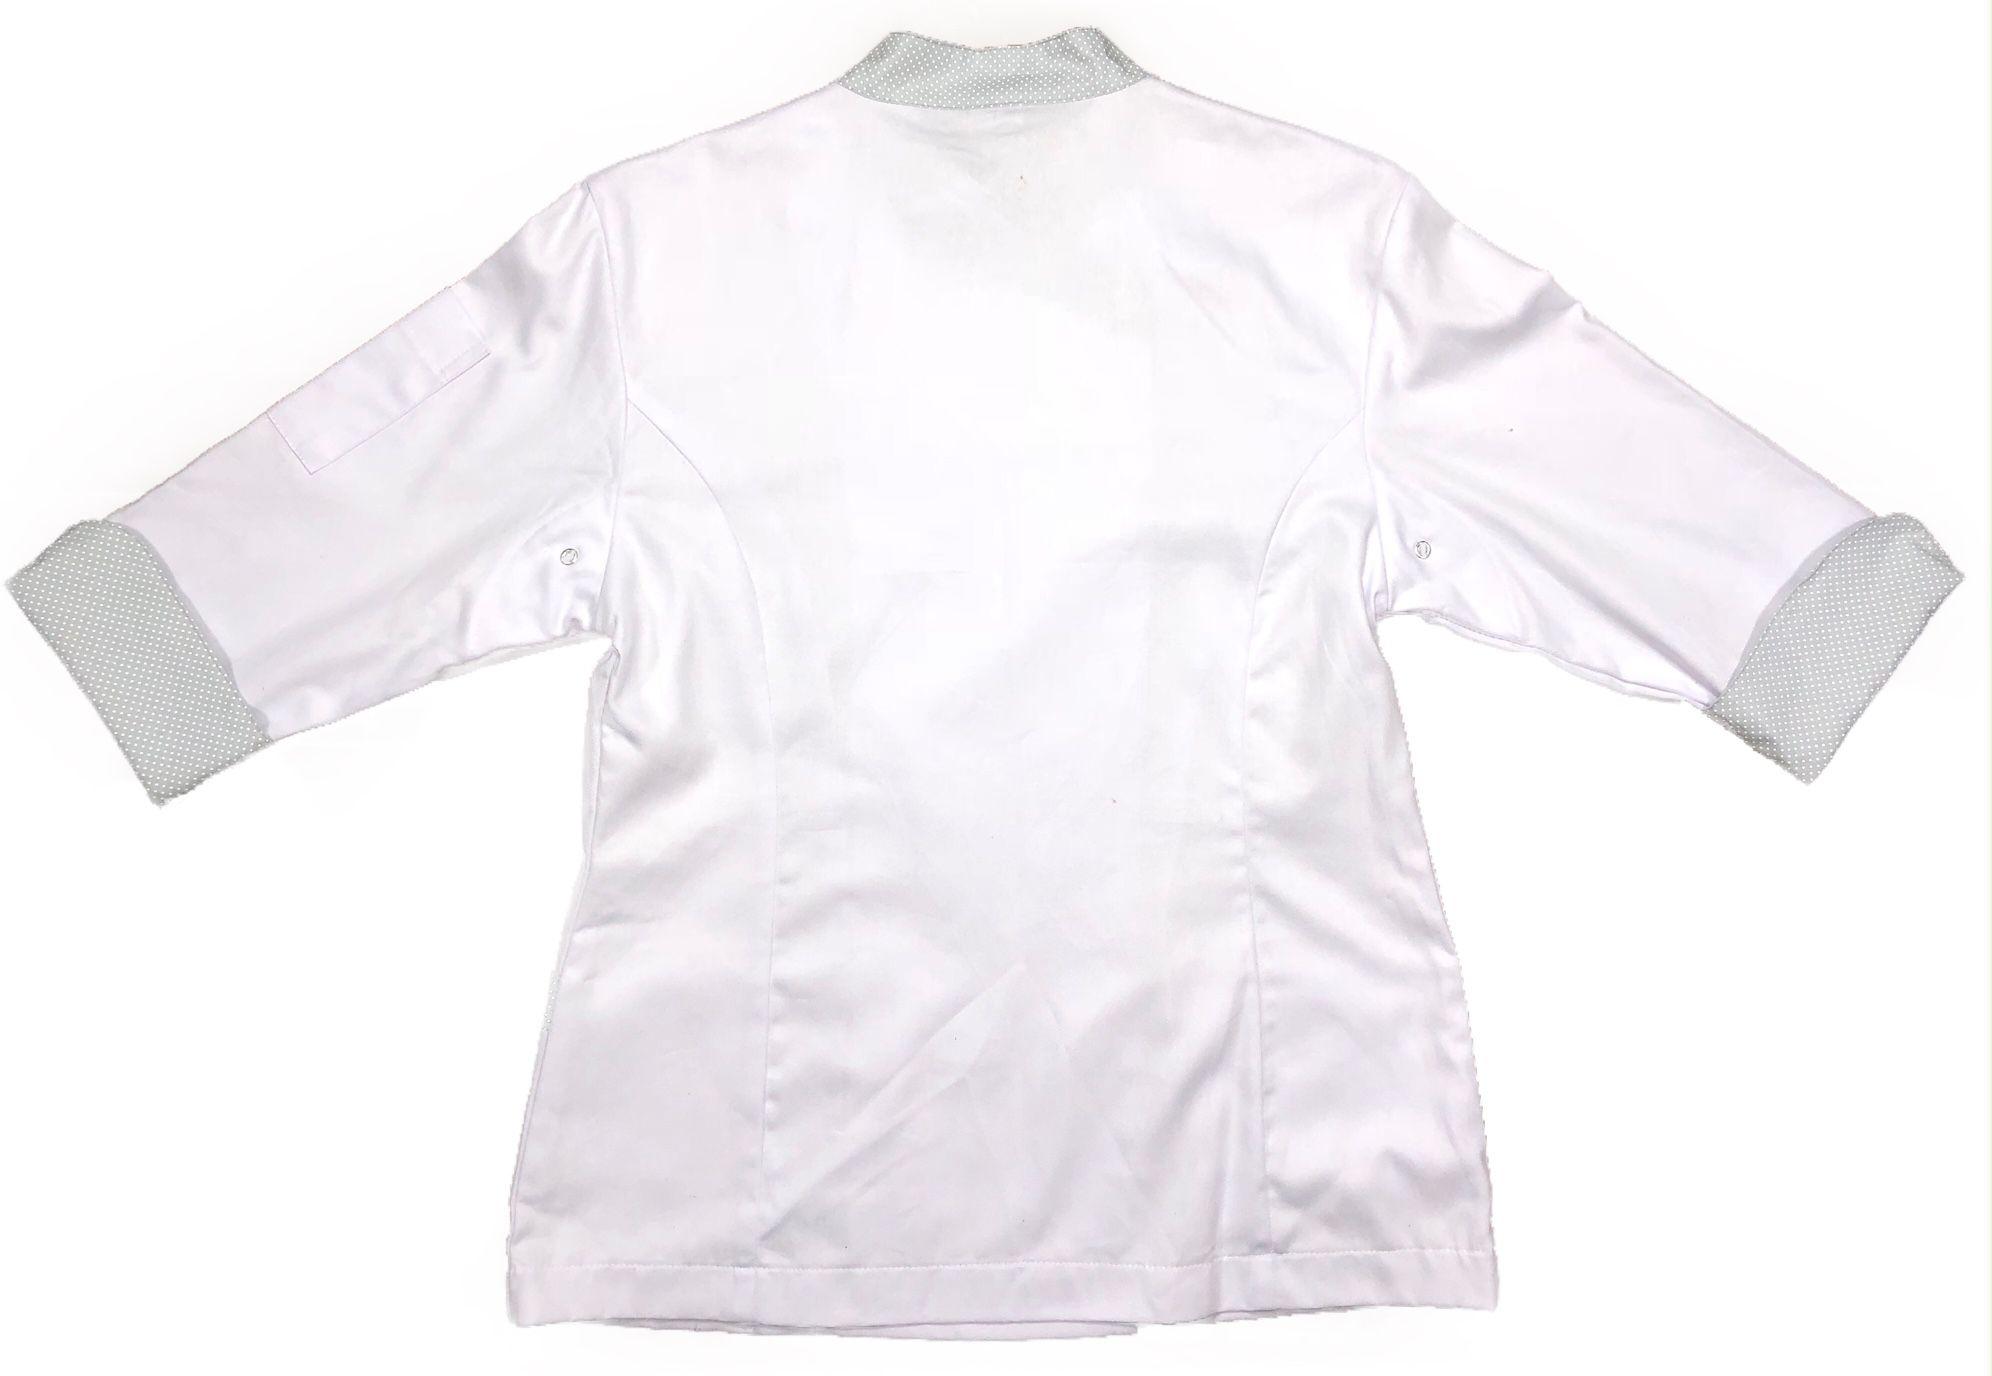 Dólmã Mary Feminina Acinturado BRANCA com detalhe Poá CINZA CLARO Sarja Leve 100% algodão com botões ROSA CLARO